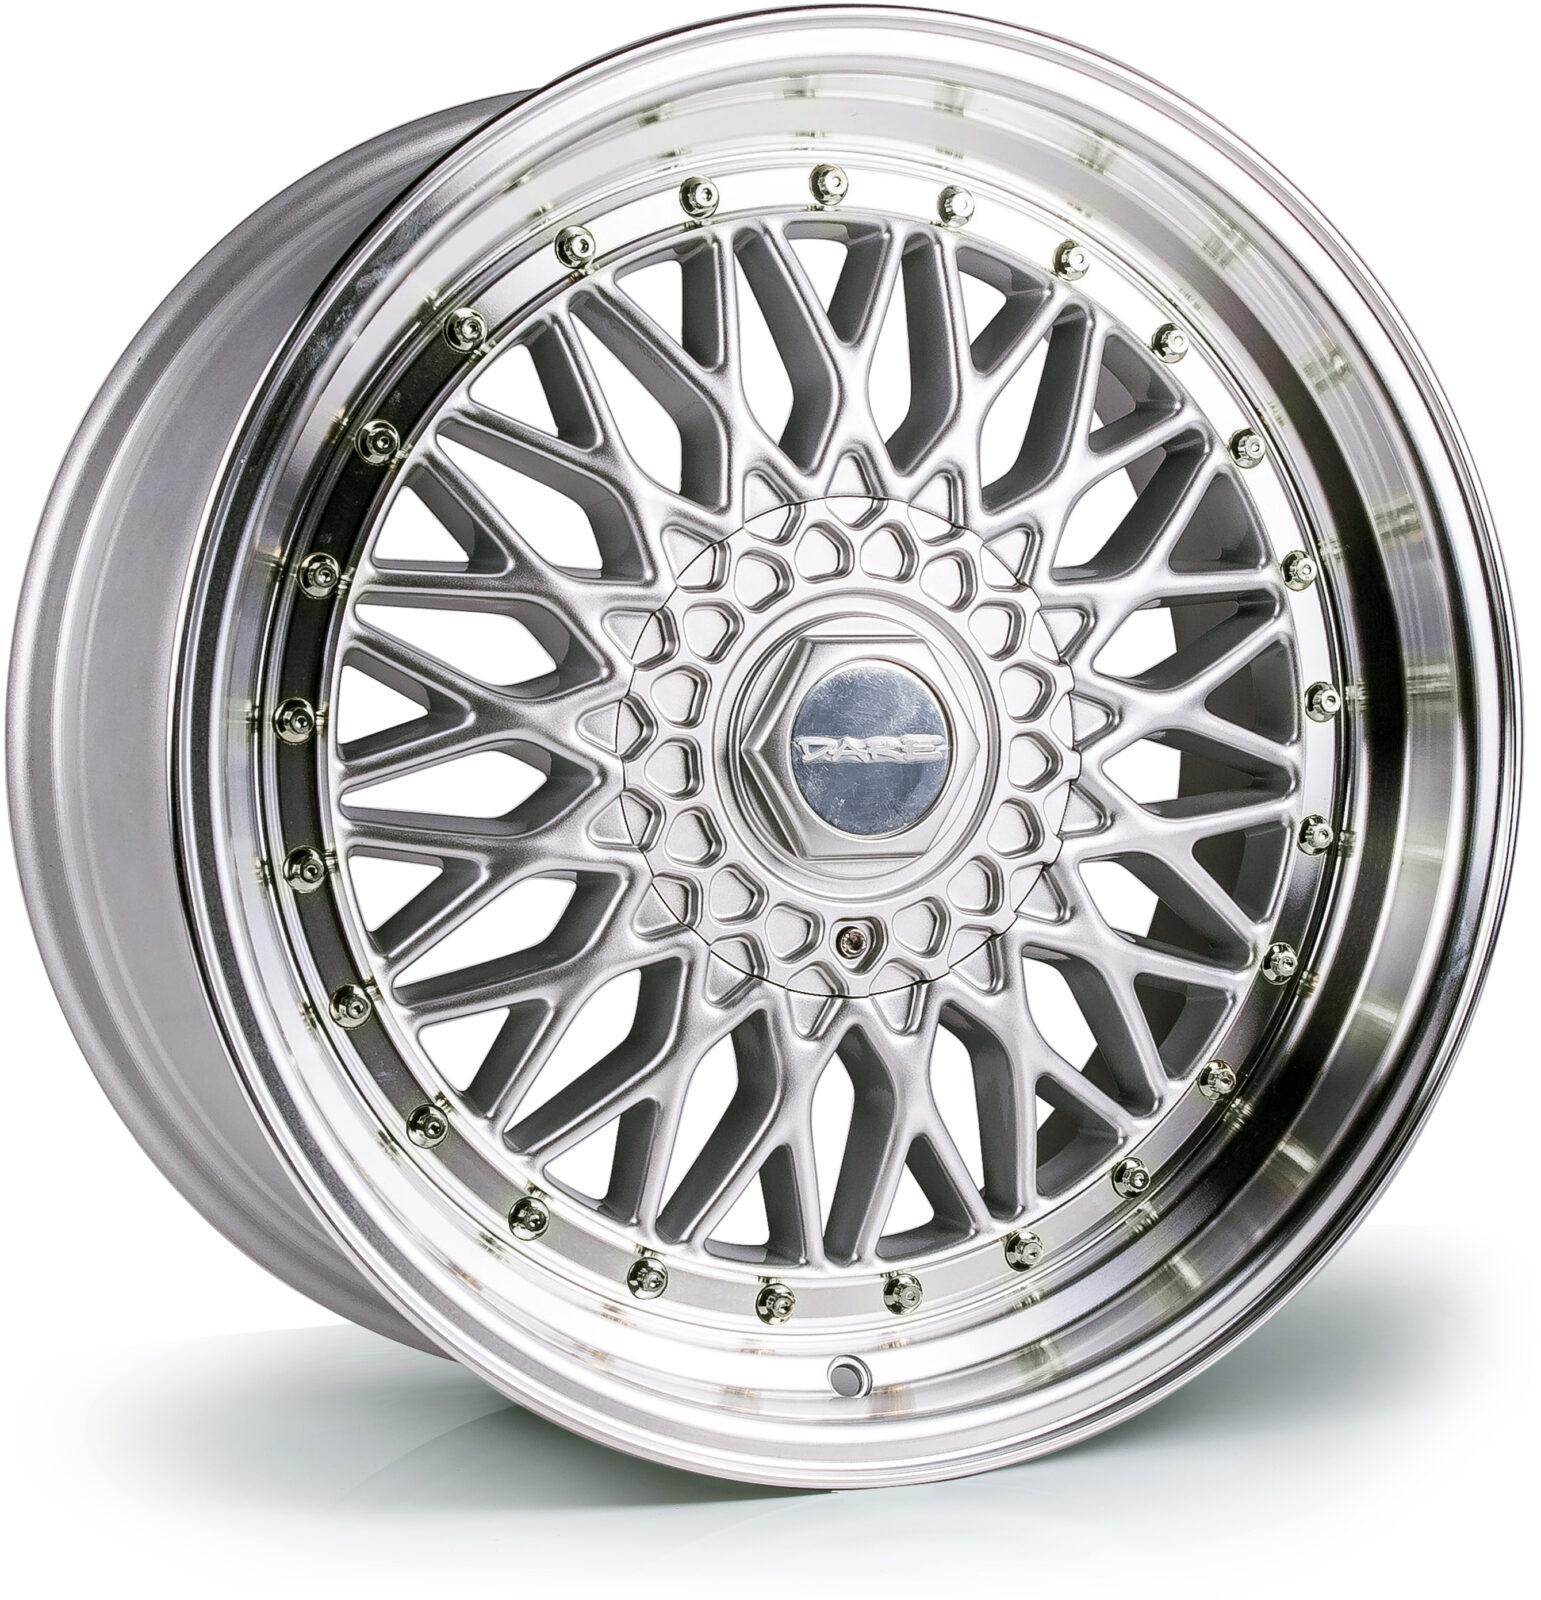 DARE MOTORSPORT RS hliníkové disky 10x17 5x112-5x120 ET15 Silver Polished / Chrome Rivets